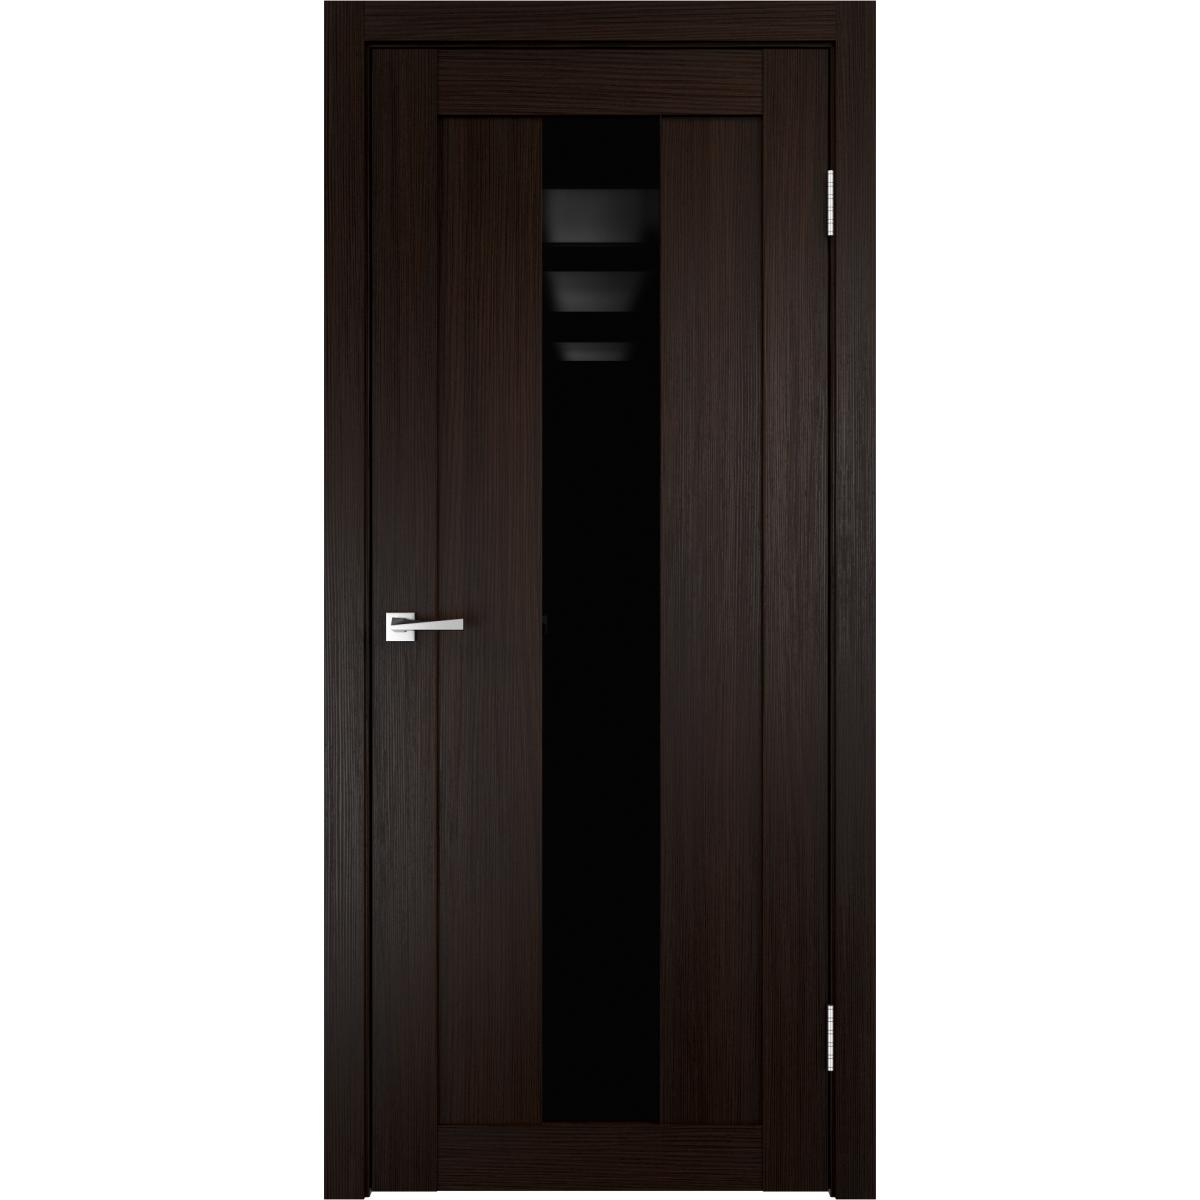 Дверь межкомнатная остеклённая Фортуна 80x200 см ПВХ цвет венге